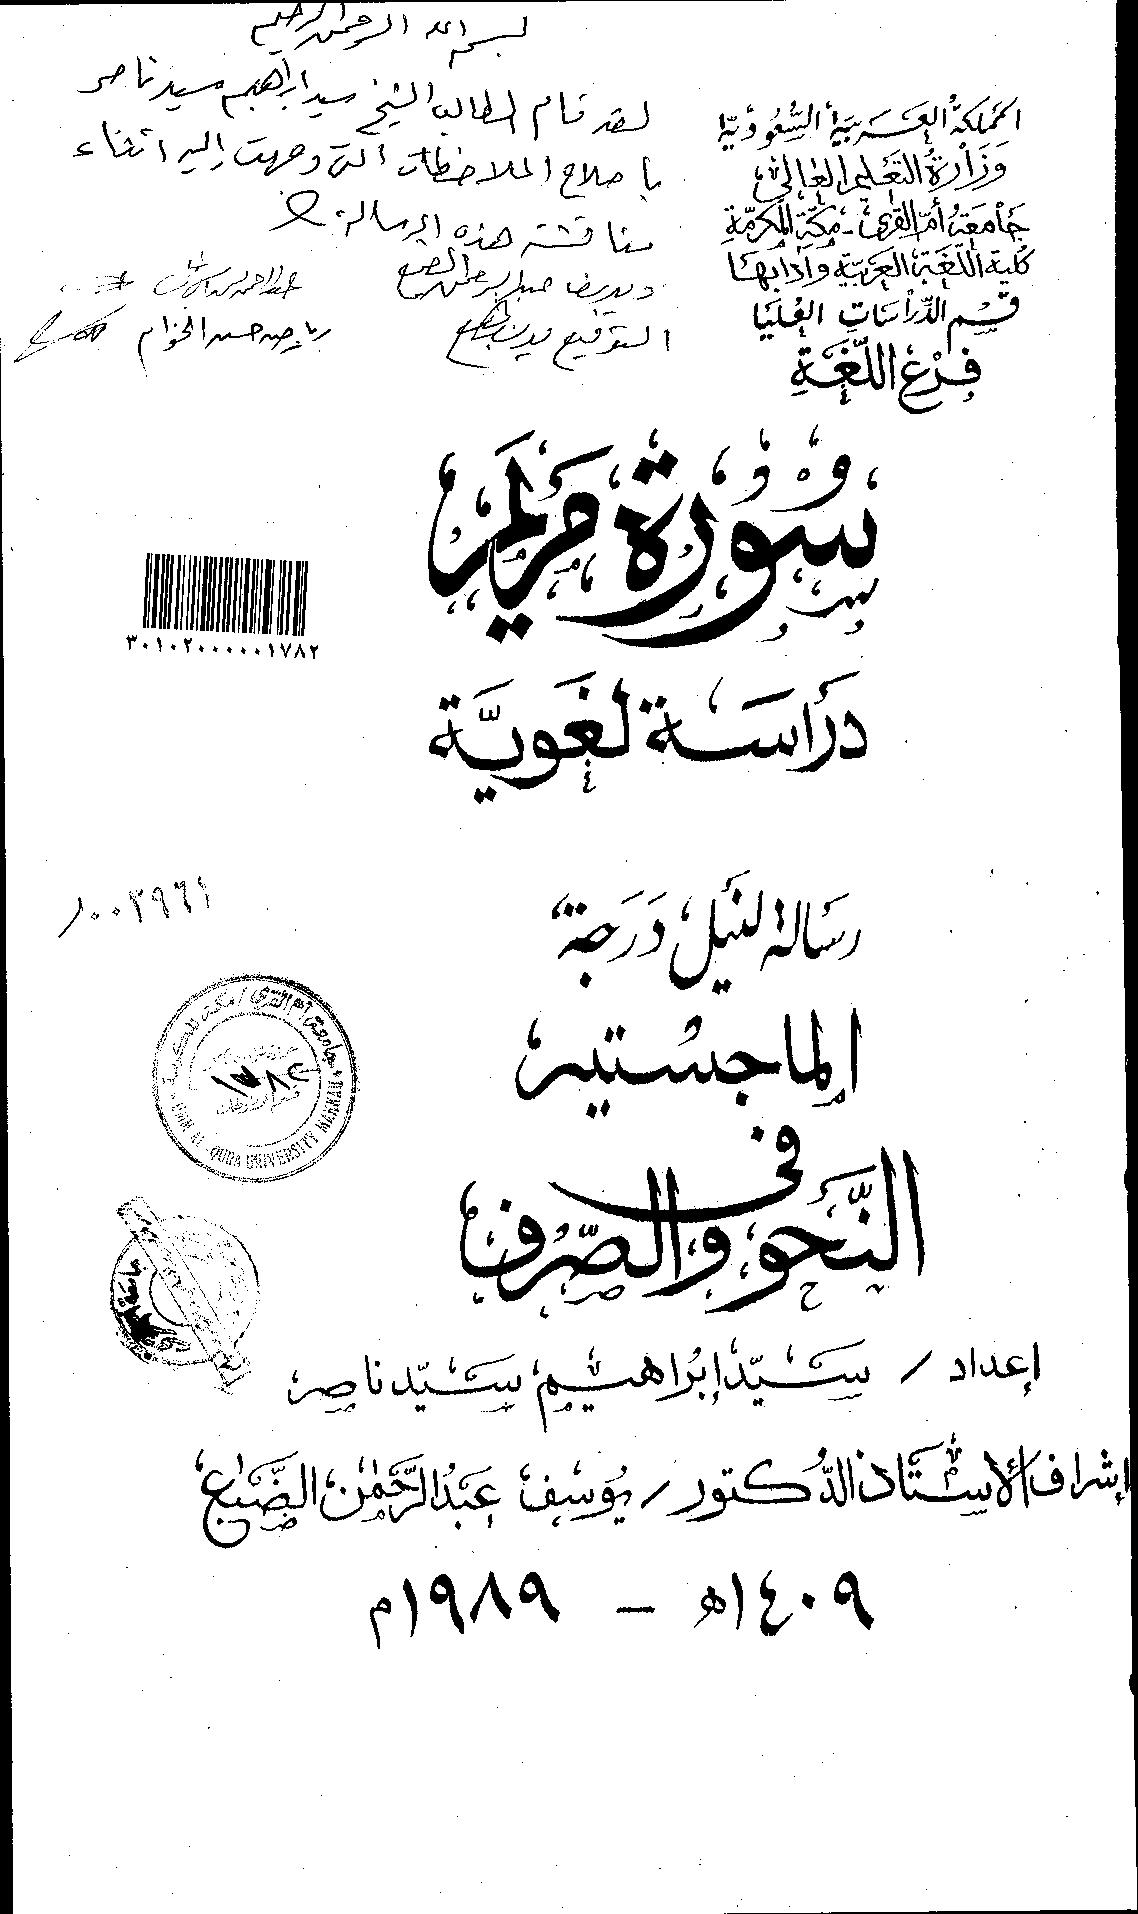 تحميل كتاب سورة مريم (دراسة لغوية) لـِ: سيد إبراهيم سيد ناصر